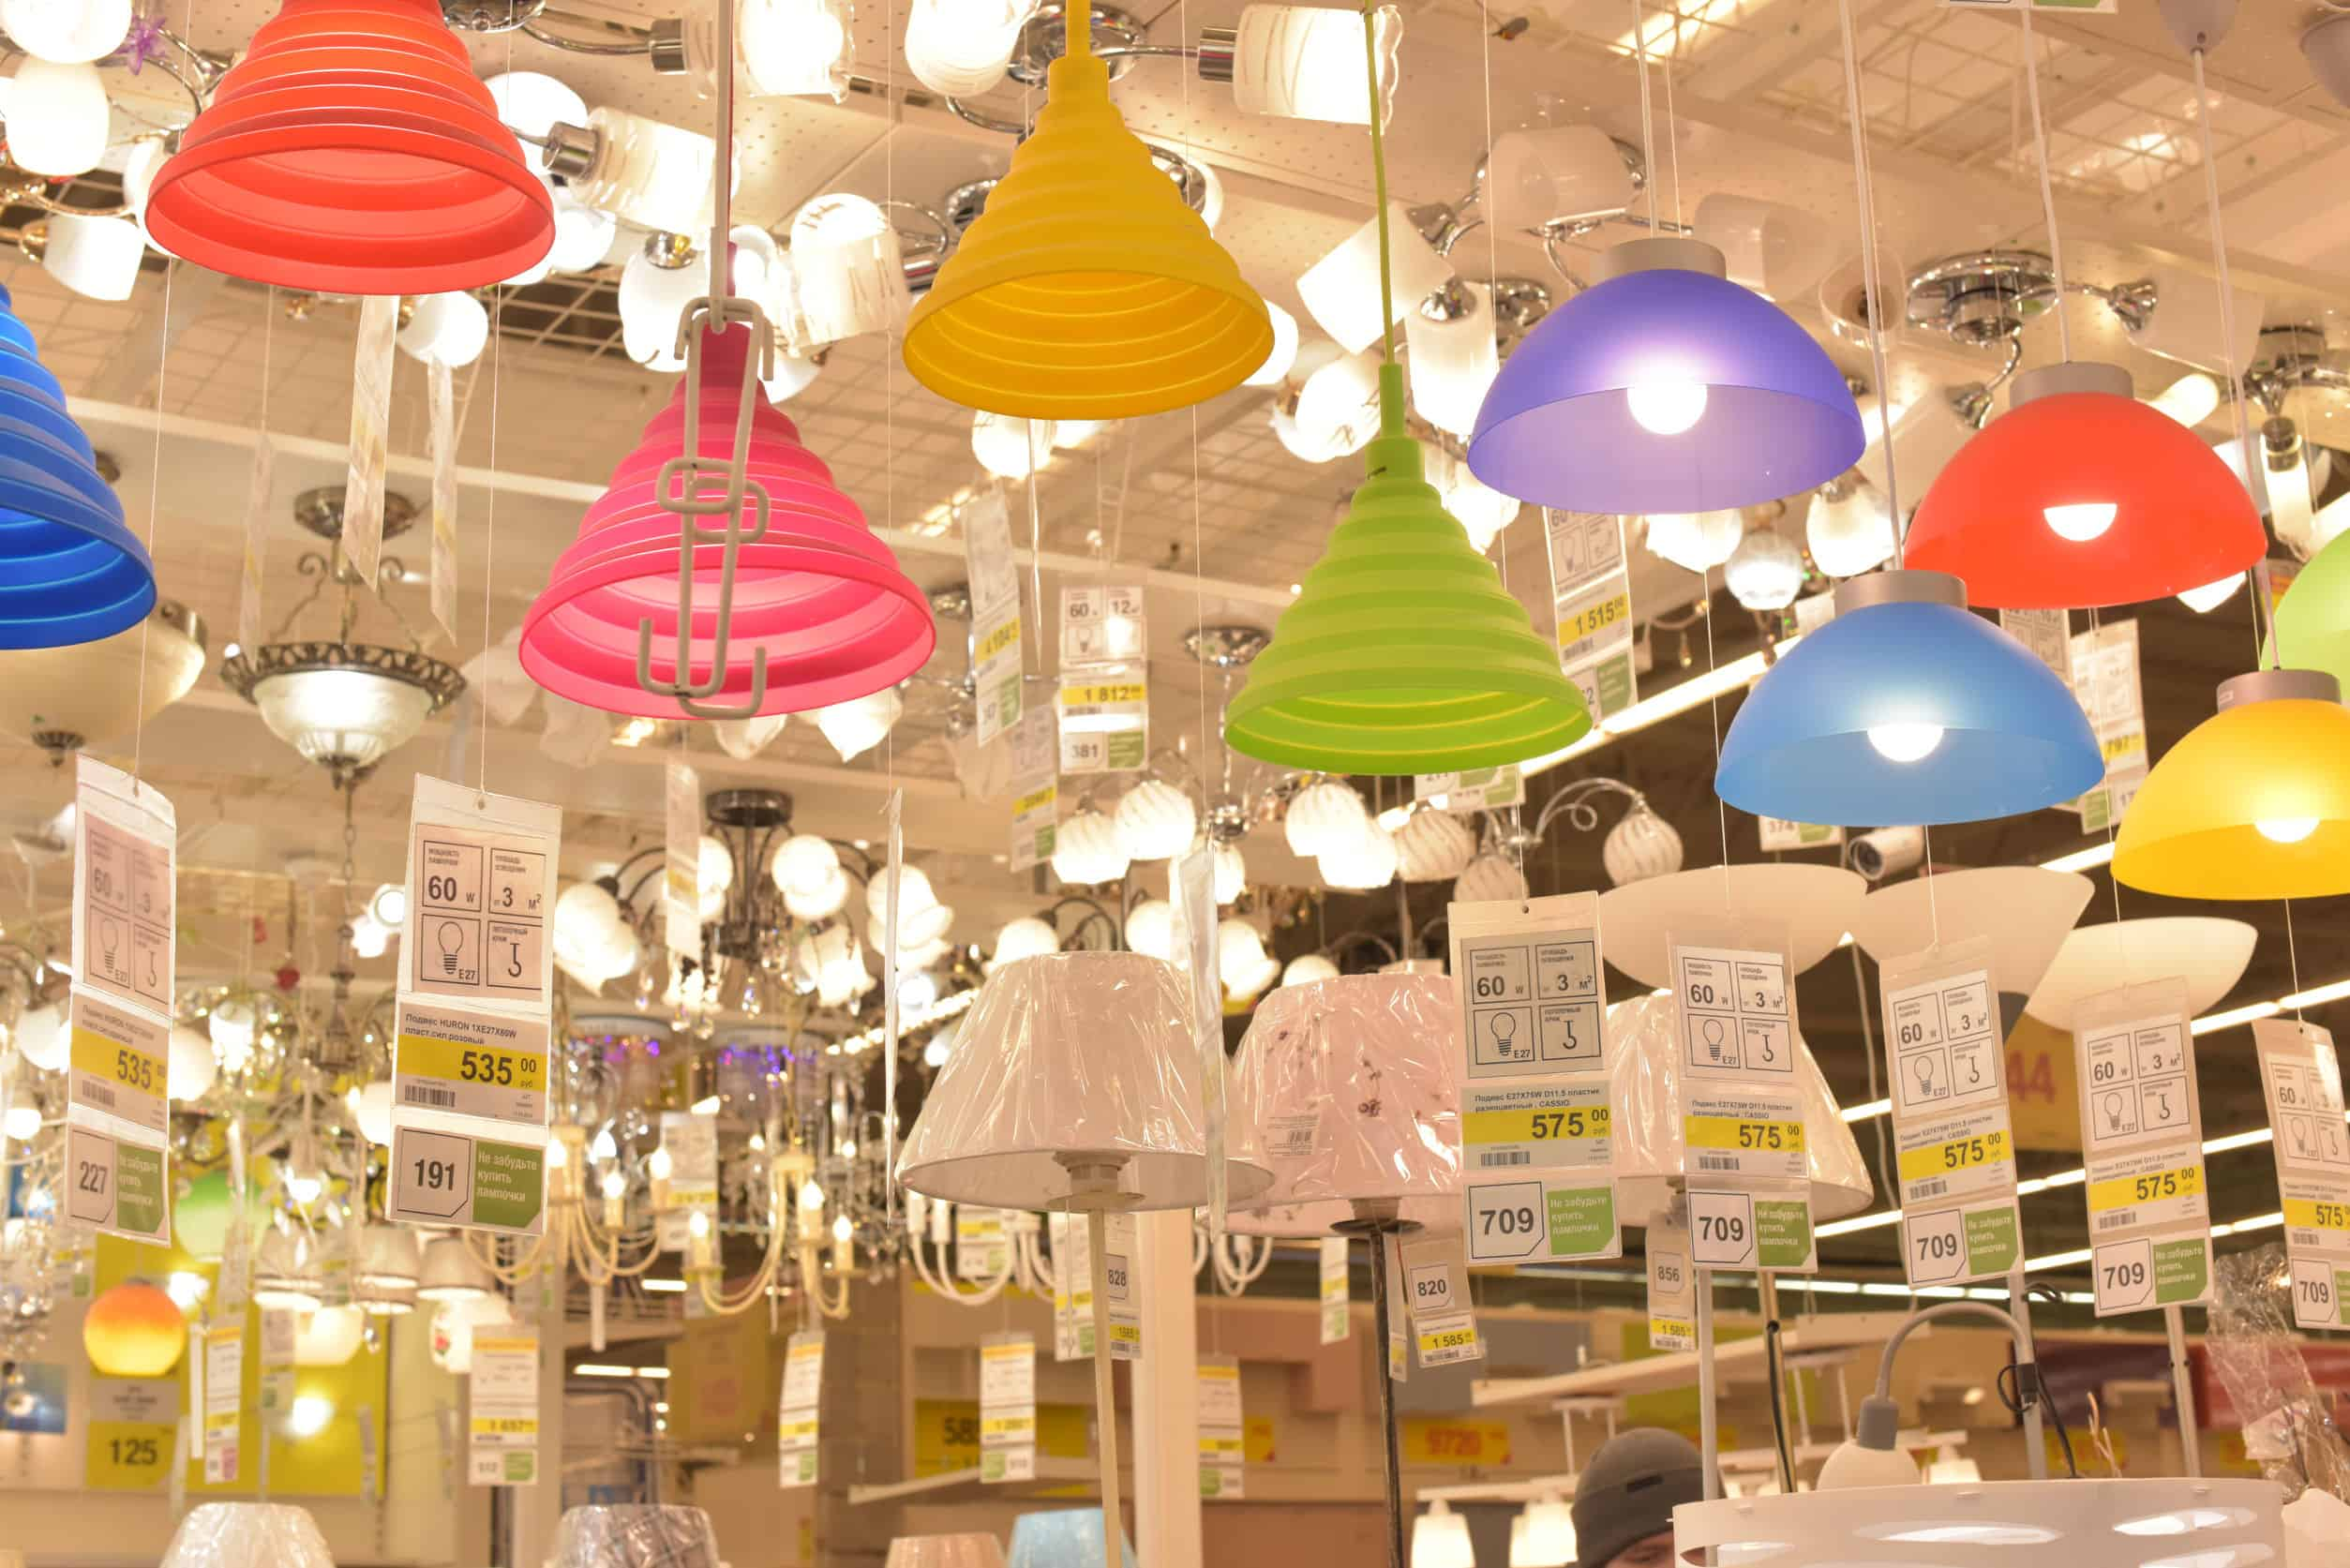 Lámparas: ¿Cuáles son las mejores del 2021?